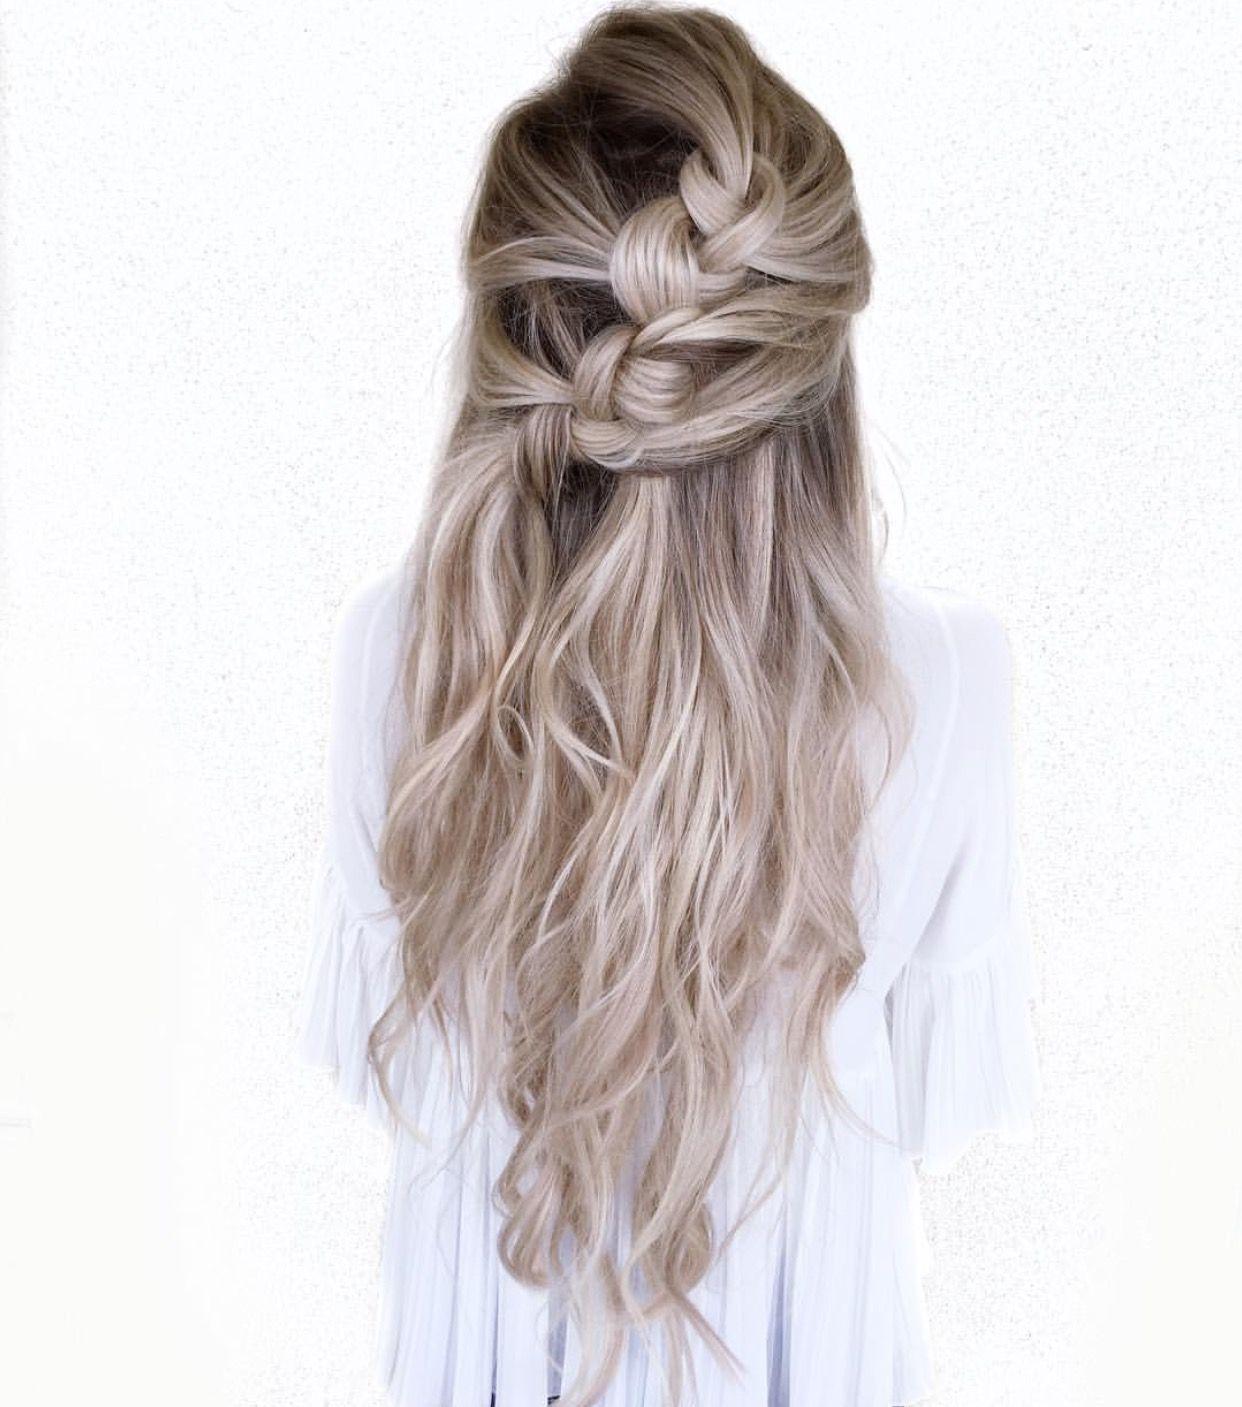 hair u beauty daniellieee hair pinterest hair and